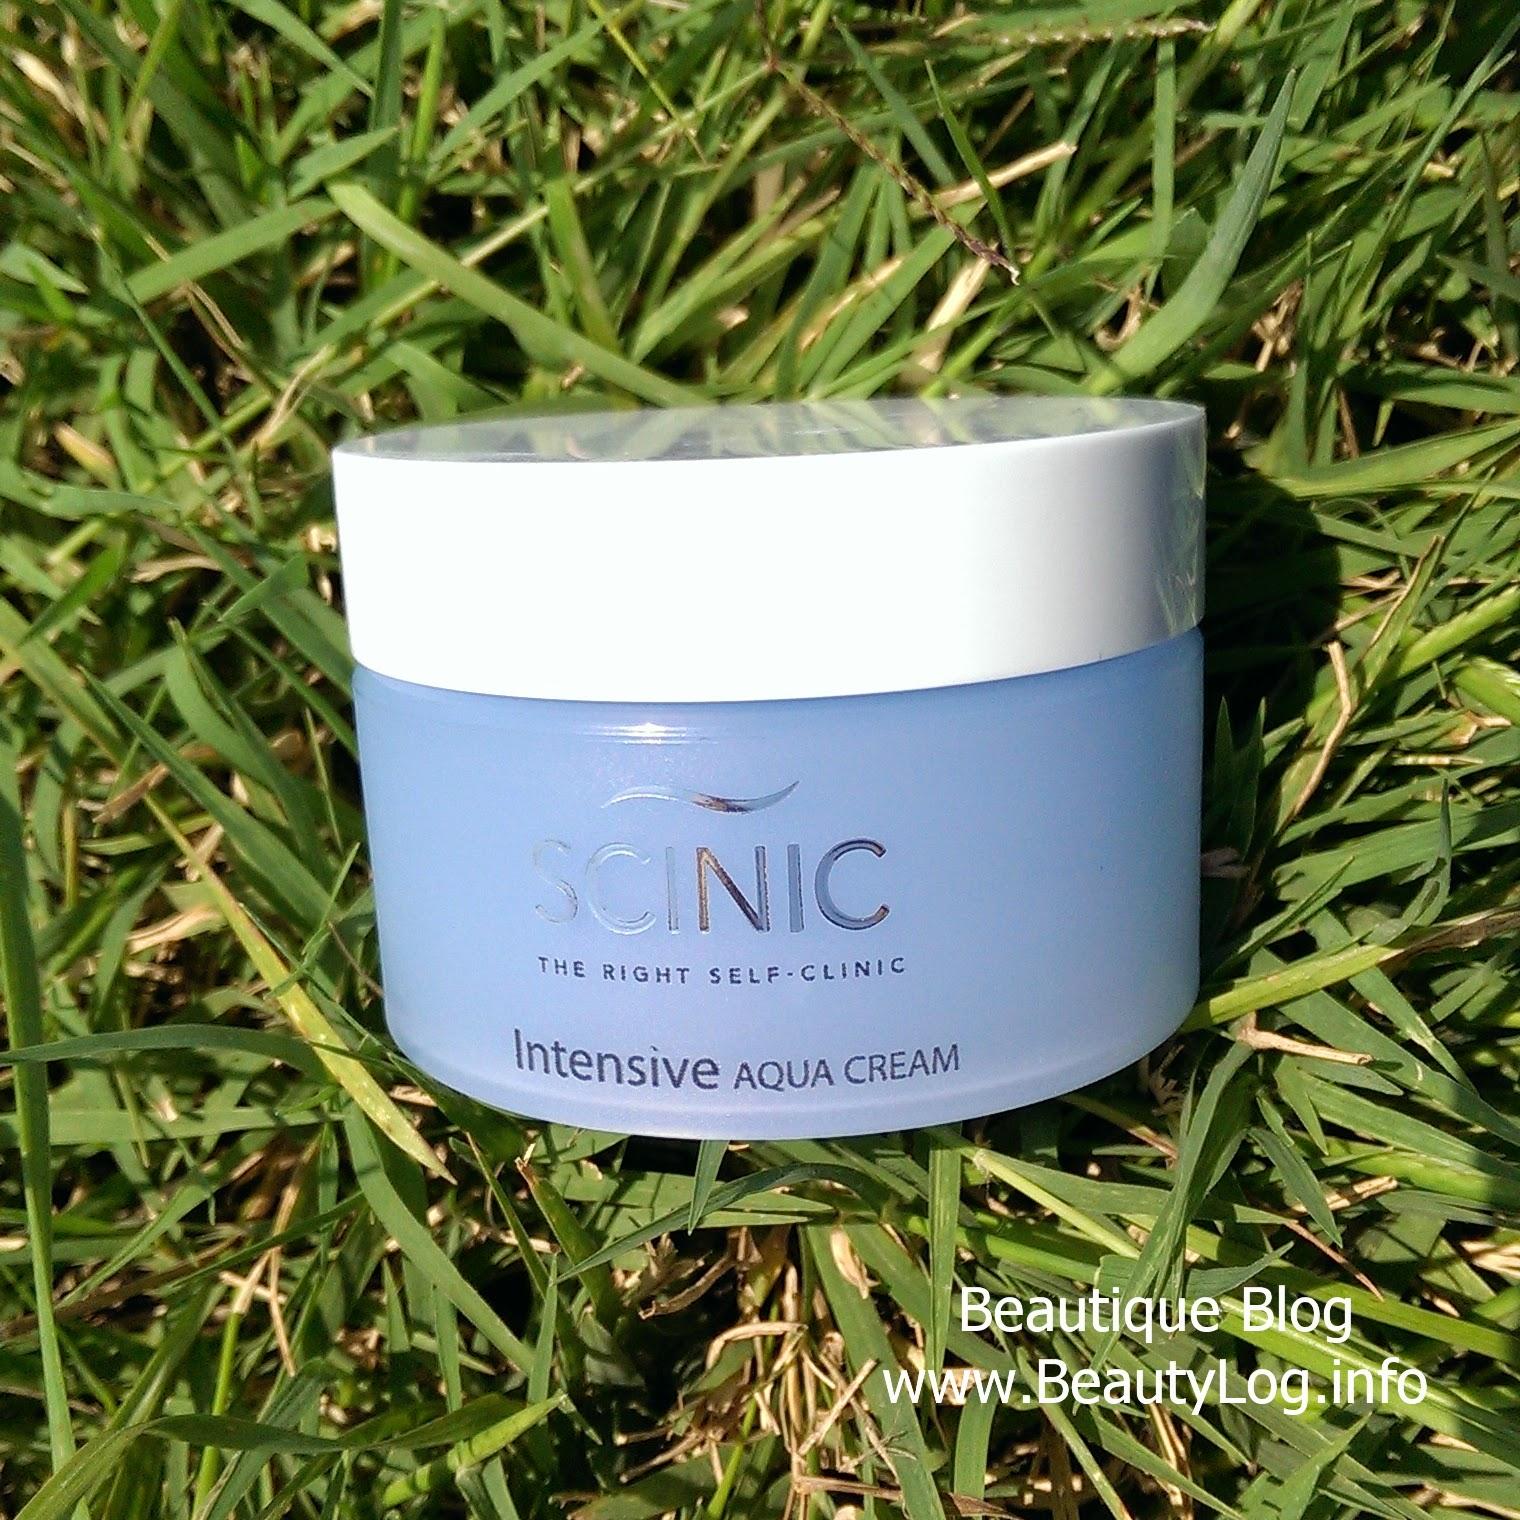 Scinic Intensive Aqua Cream